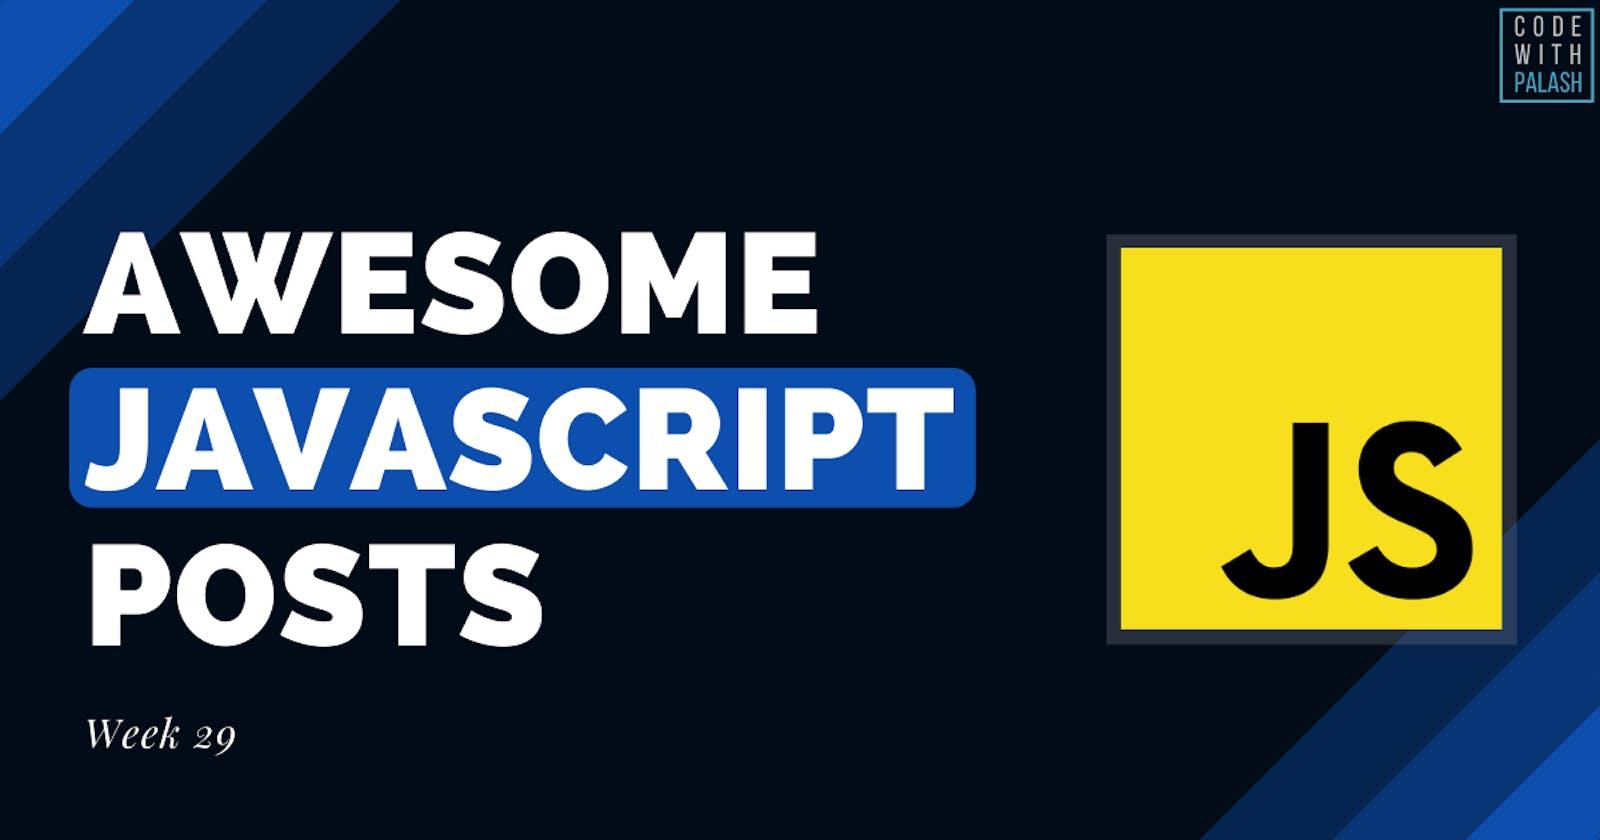 Awesome JavaScript Posts (Week 29)